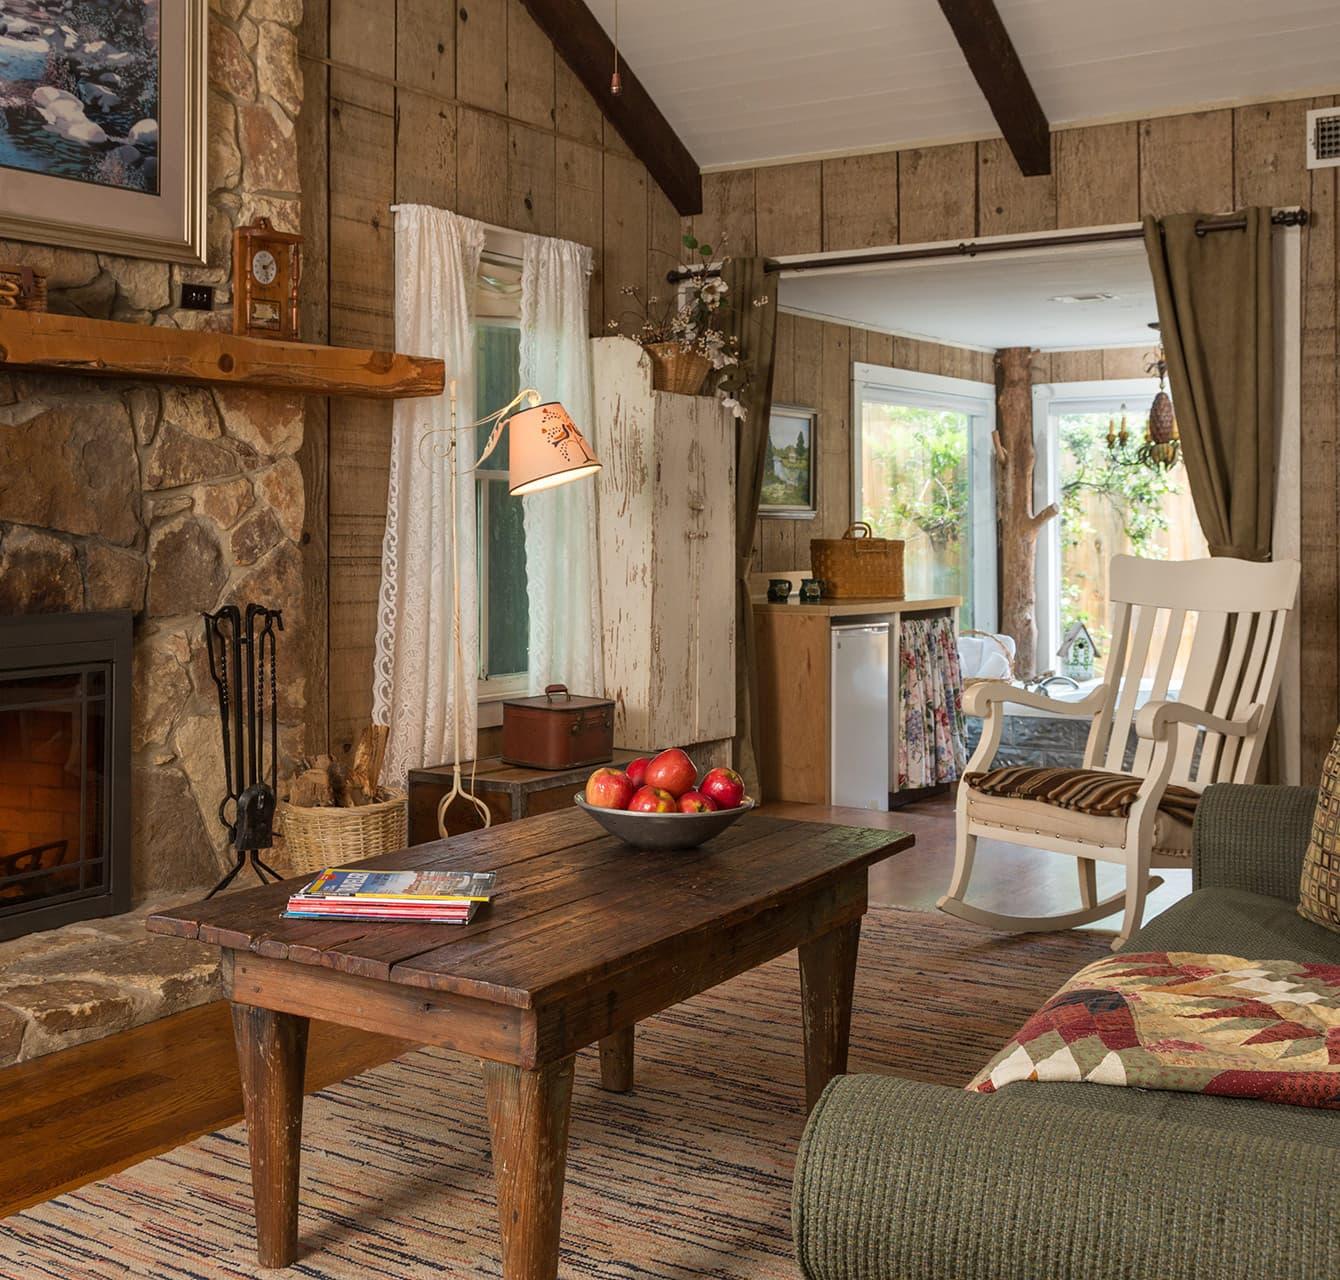 Magnolia Suite living room